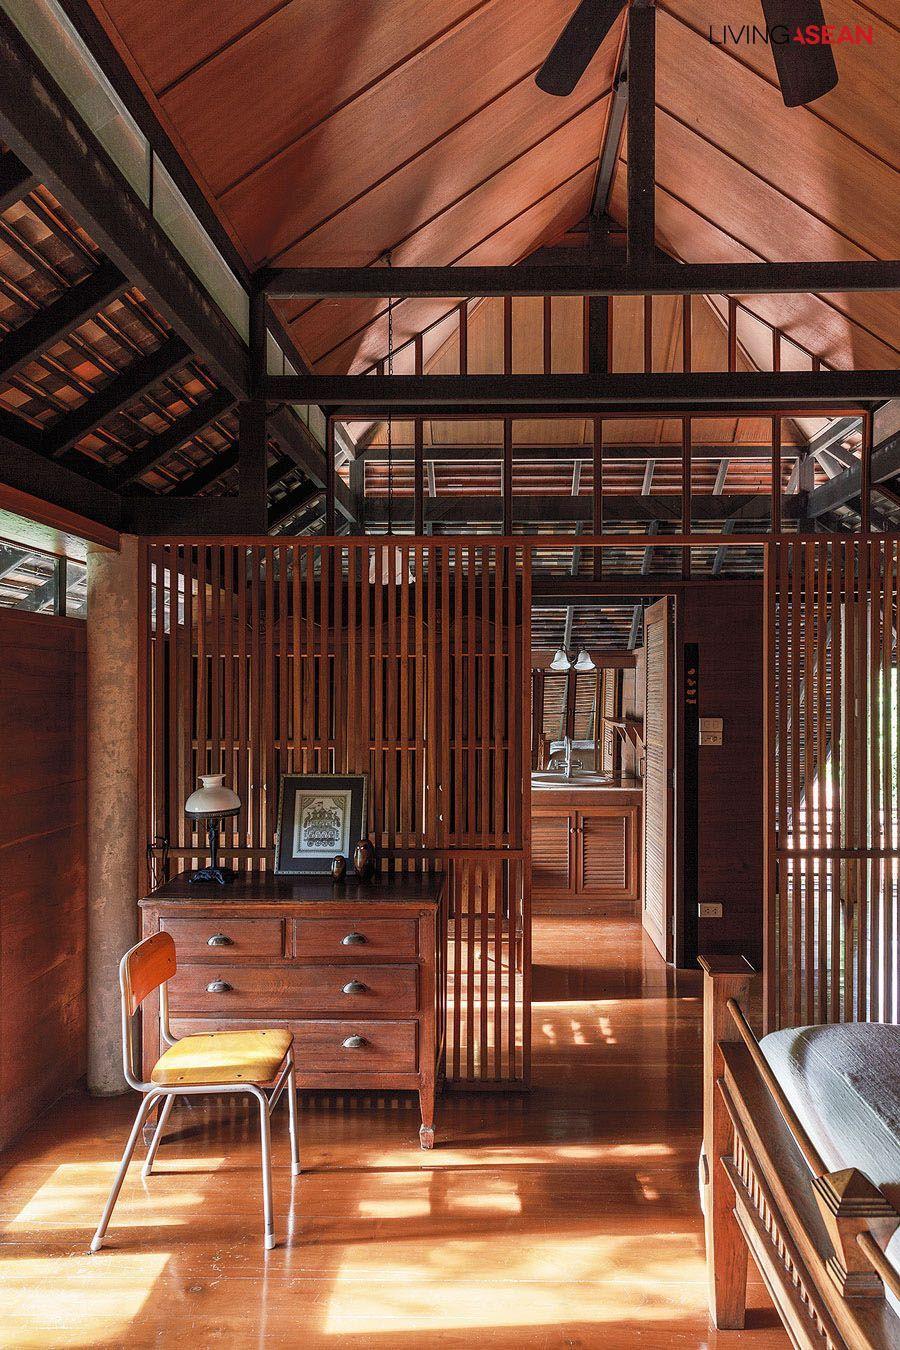 Ngôi nhà gỗ bất chấp nắng nóng, chỉ có gió mát và ánh sáng ngập tràn giữa rừng cây xanh - Ảnh 13.